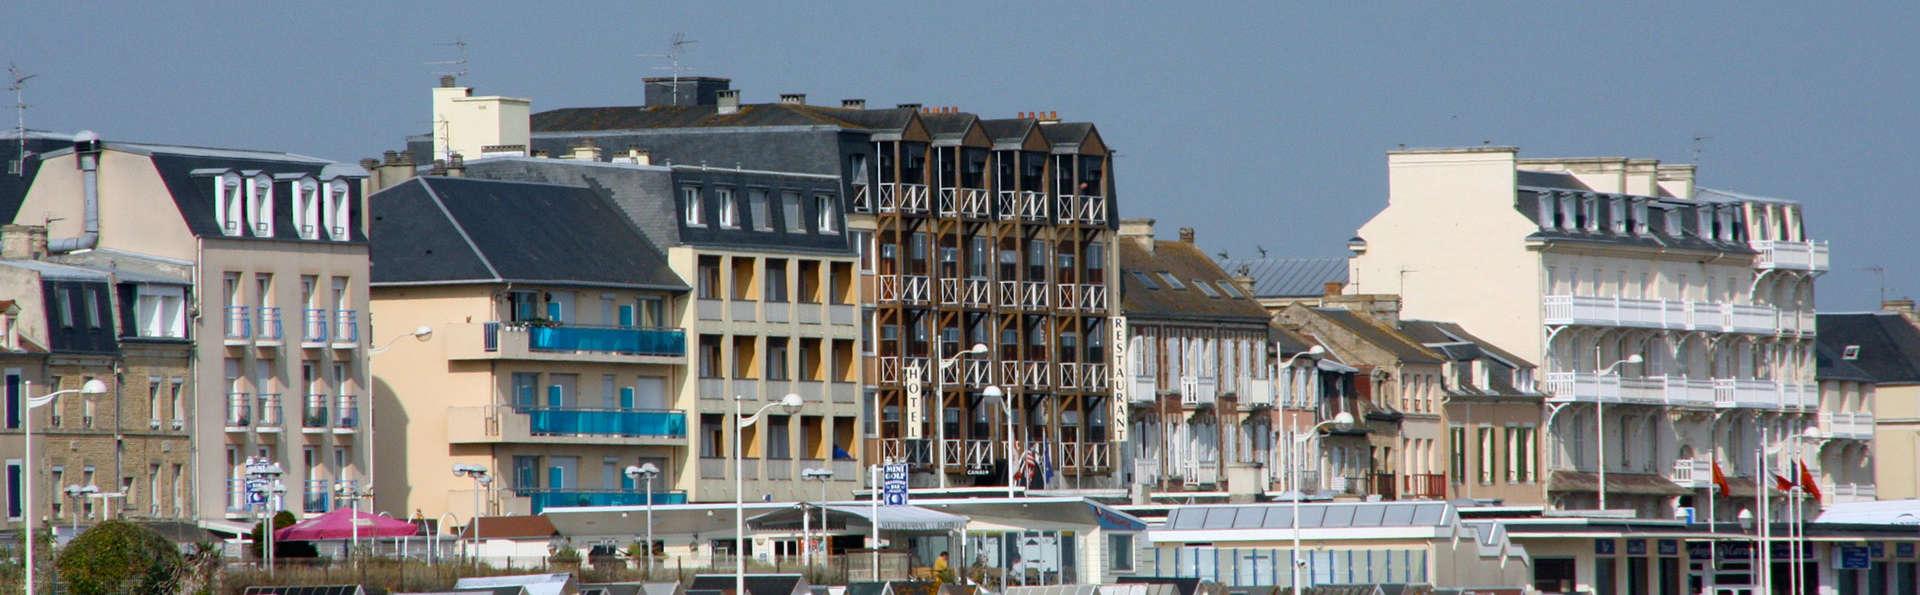 Hôtel des Thermes Et du Casino - EDIT_front3.jpg